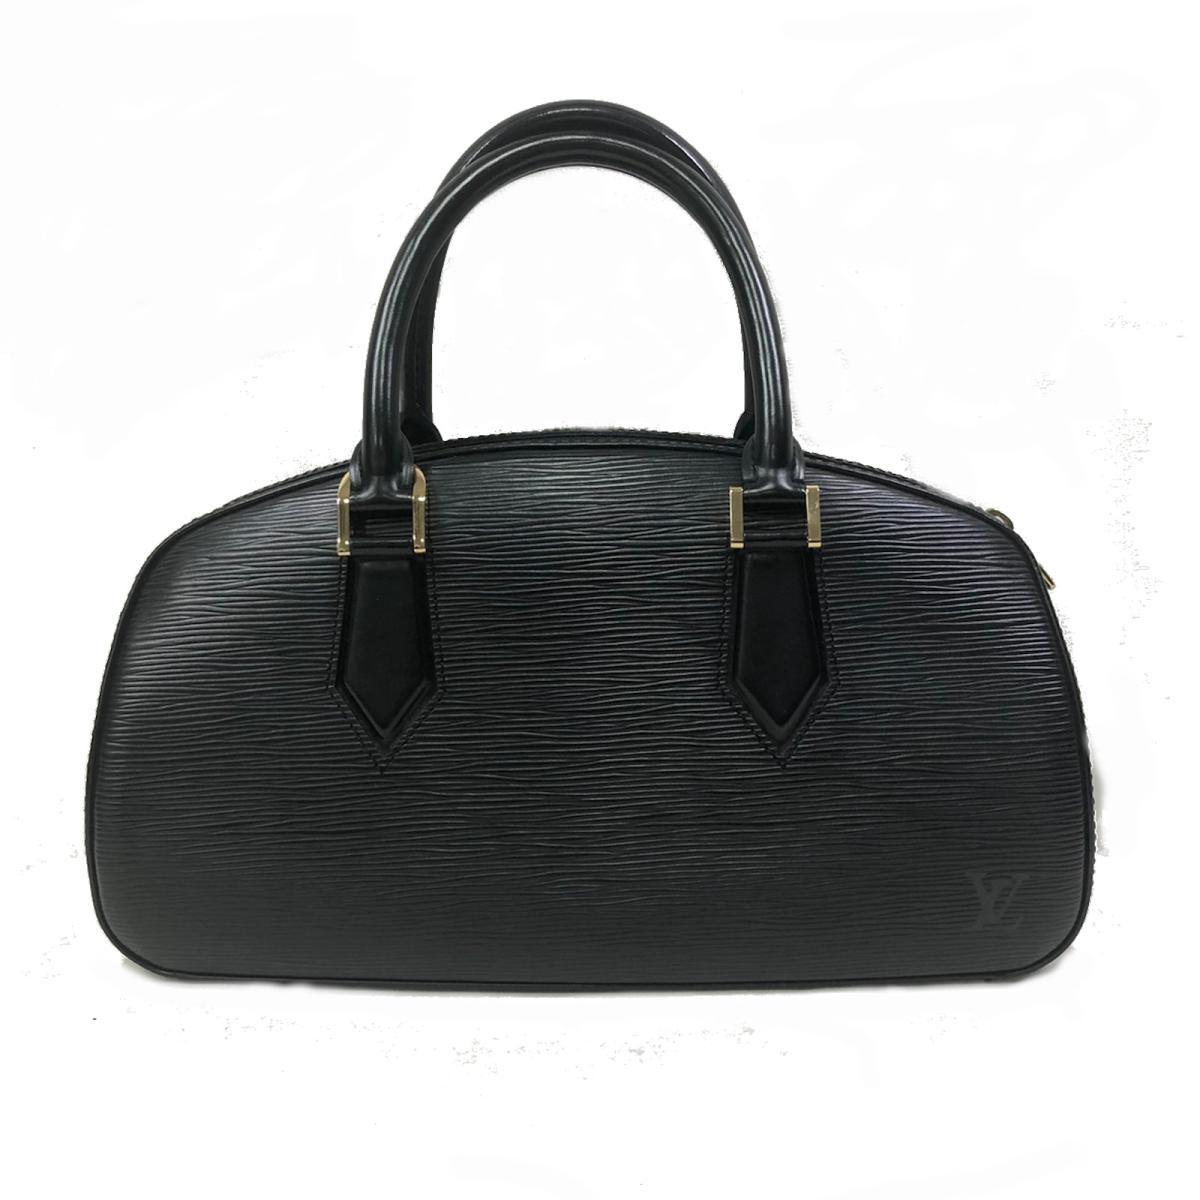 ジャスミン ハンドバッグ